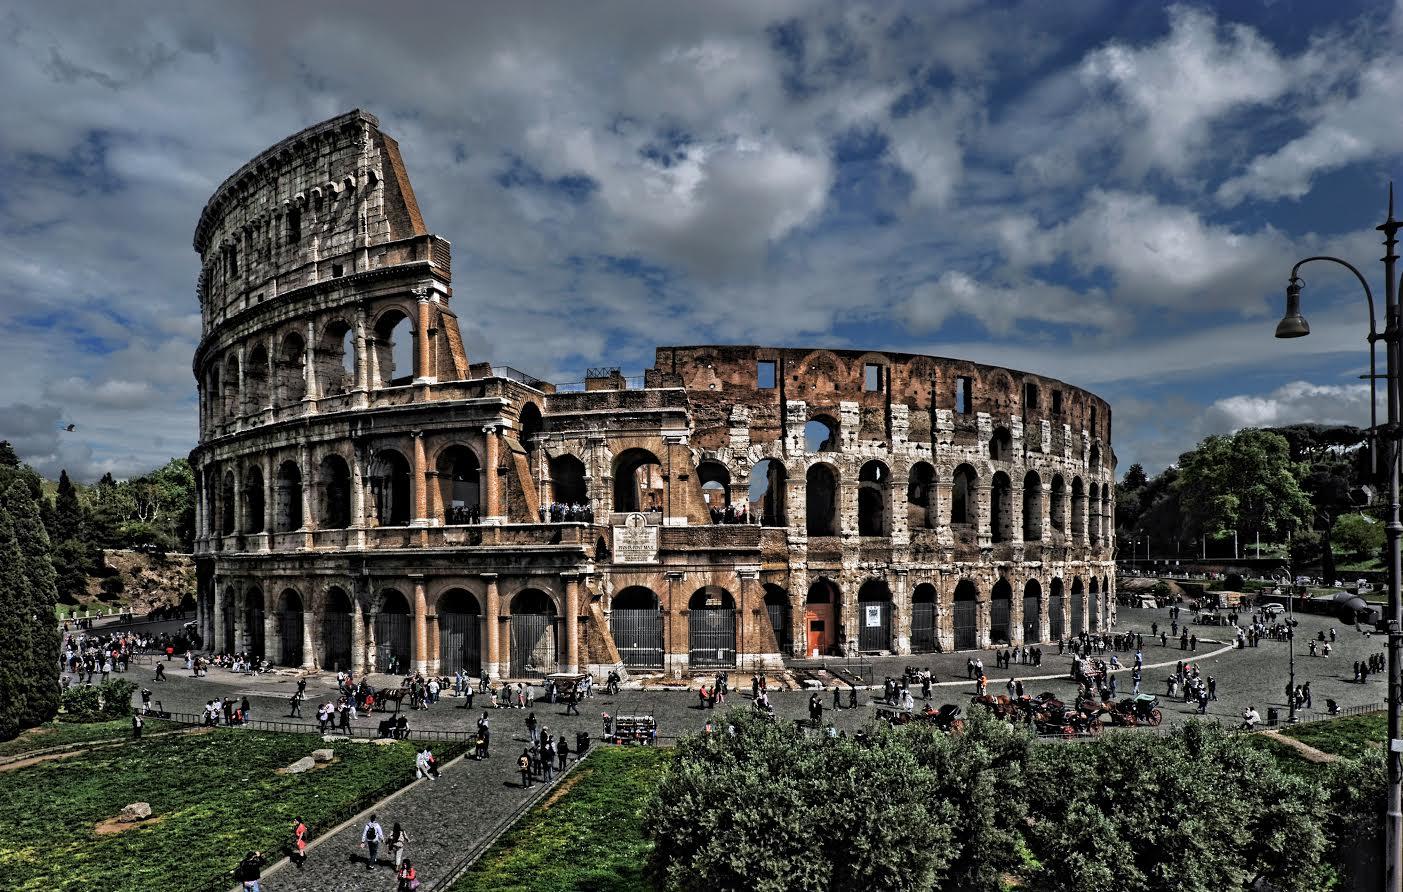 Colosseo_Rome_@Sergio_Del_Mese